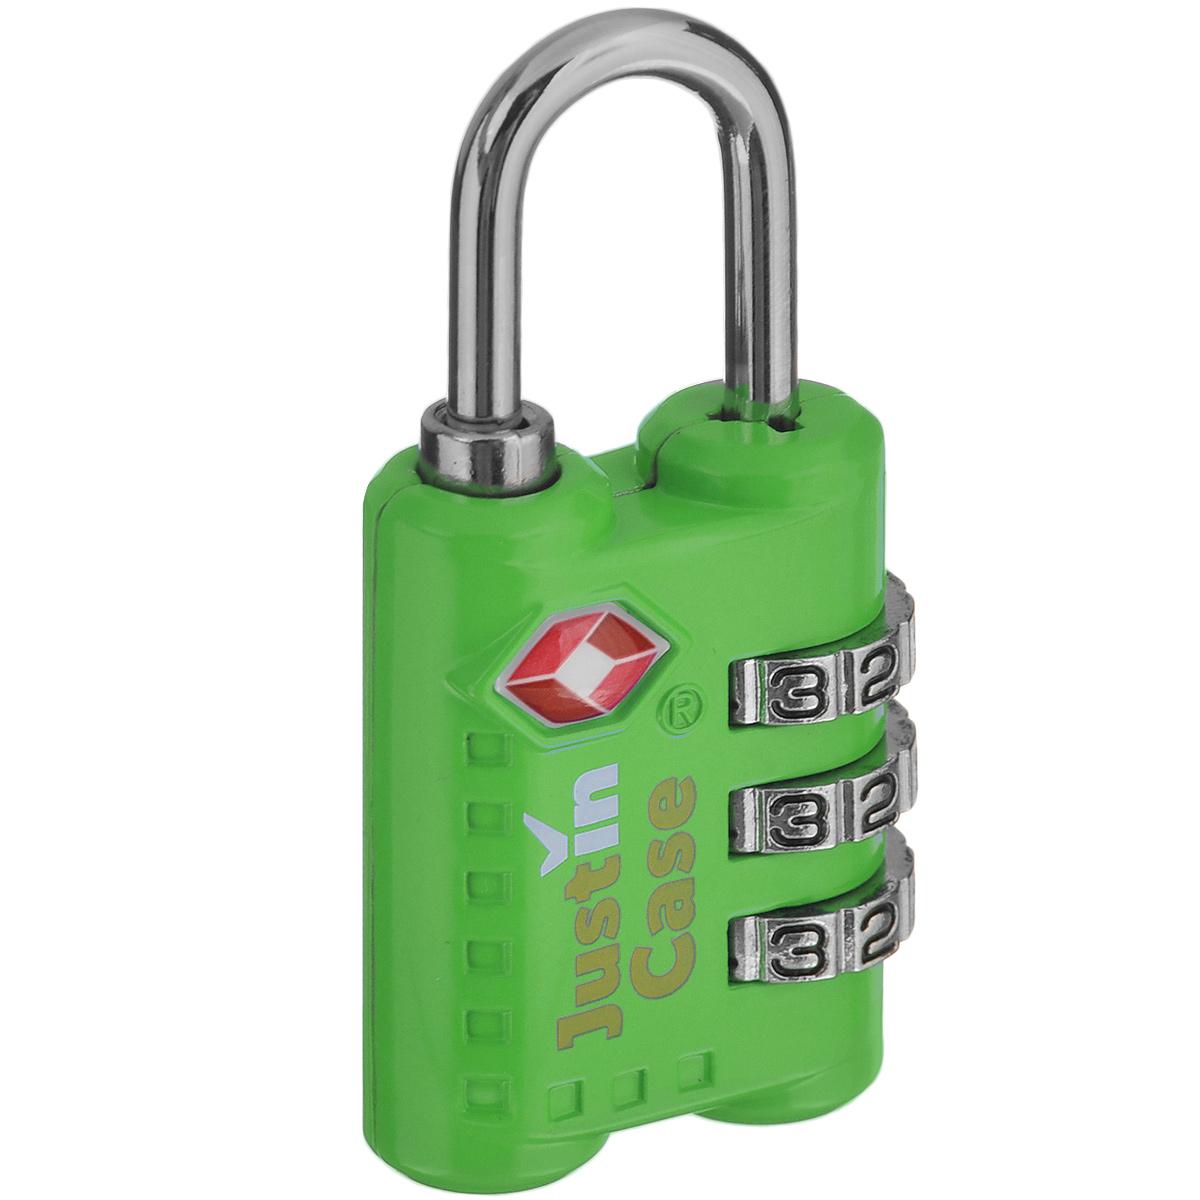 Замок для багажа JustinCase 3-Dial TSA Combination Lock, цвет: зеленыйП7079Еще один вариант защиты багажа - компактный кодовый багажный замок. Кодовый замок JustinCase 3-Dial TSA Combination Lock отличается от обычного тем, что вы можете установить собственную, известную только вам комбинацию цифр, без которой кодовый замок для багажа просто не откроется. Замок этот очень прочен - изготовлен из цинкового сплава. Если в вашем багаже есть хоть одна ценная вещь, такой замок позволит вам спокойно сдавать чемоданы и сумки багажным службам.